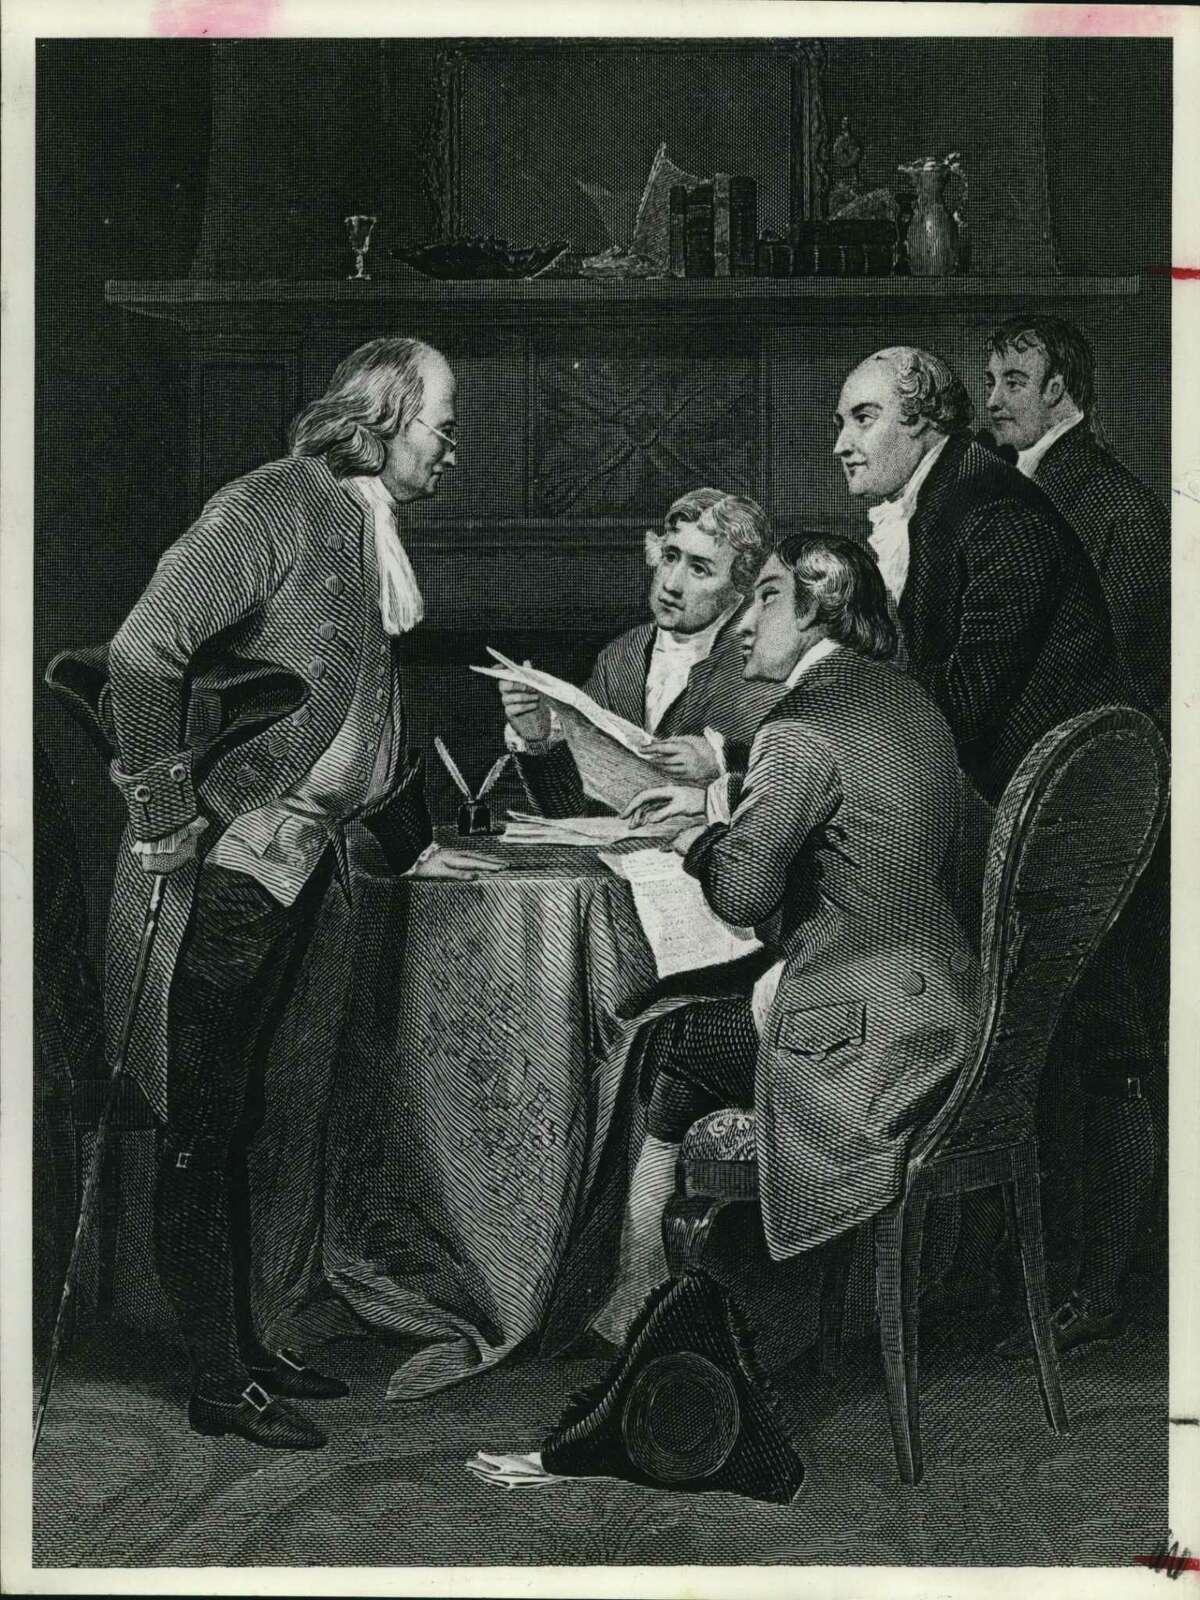 Artist's sketch of U.S. Constitution committee members at meeting.